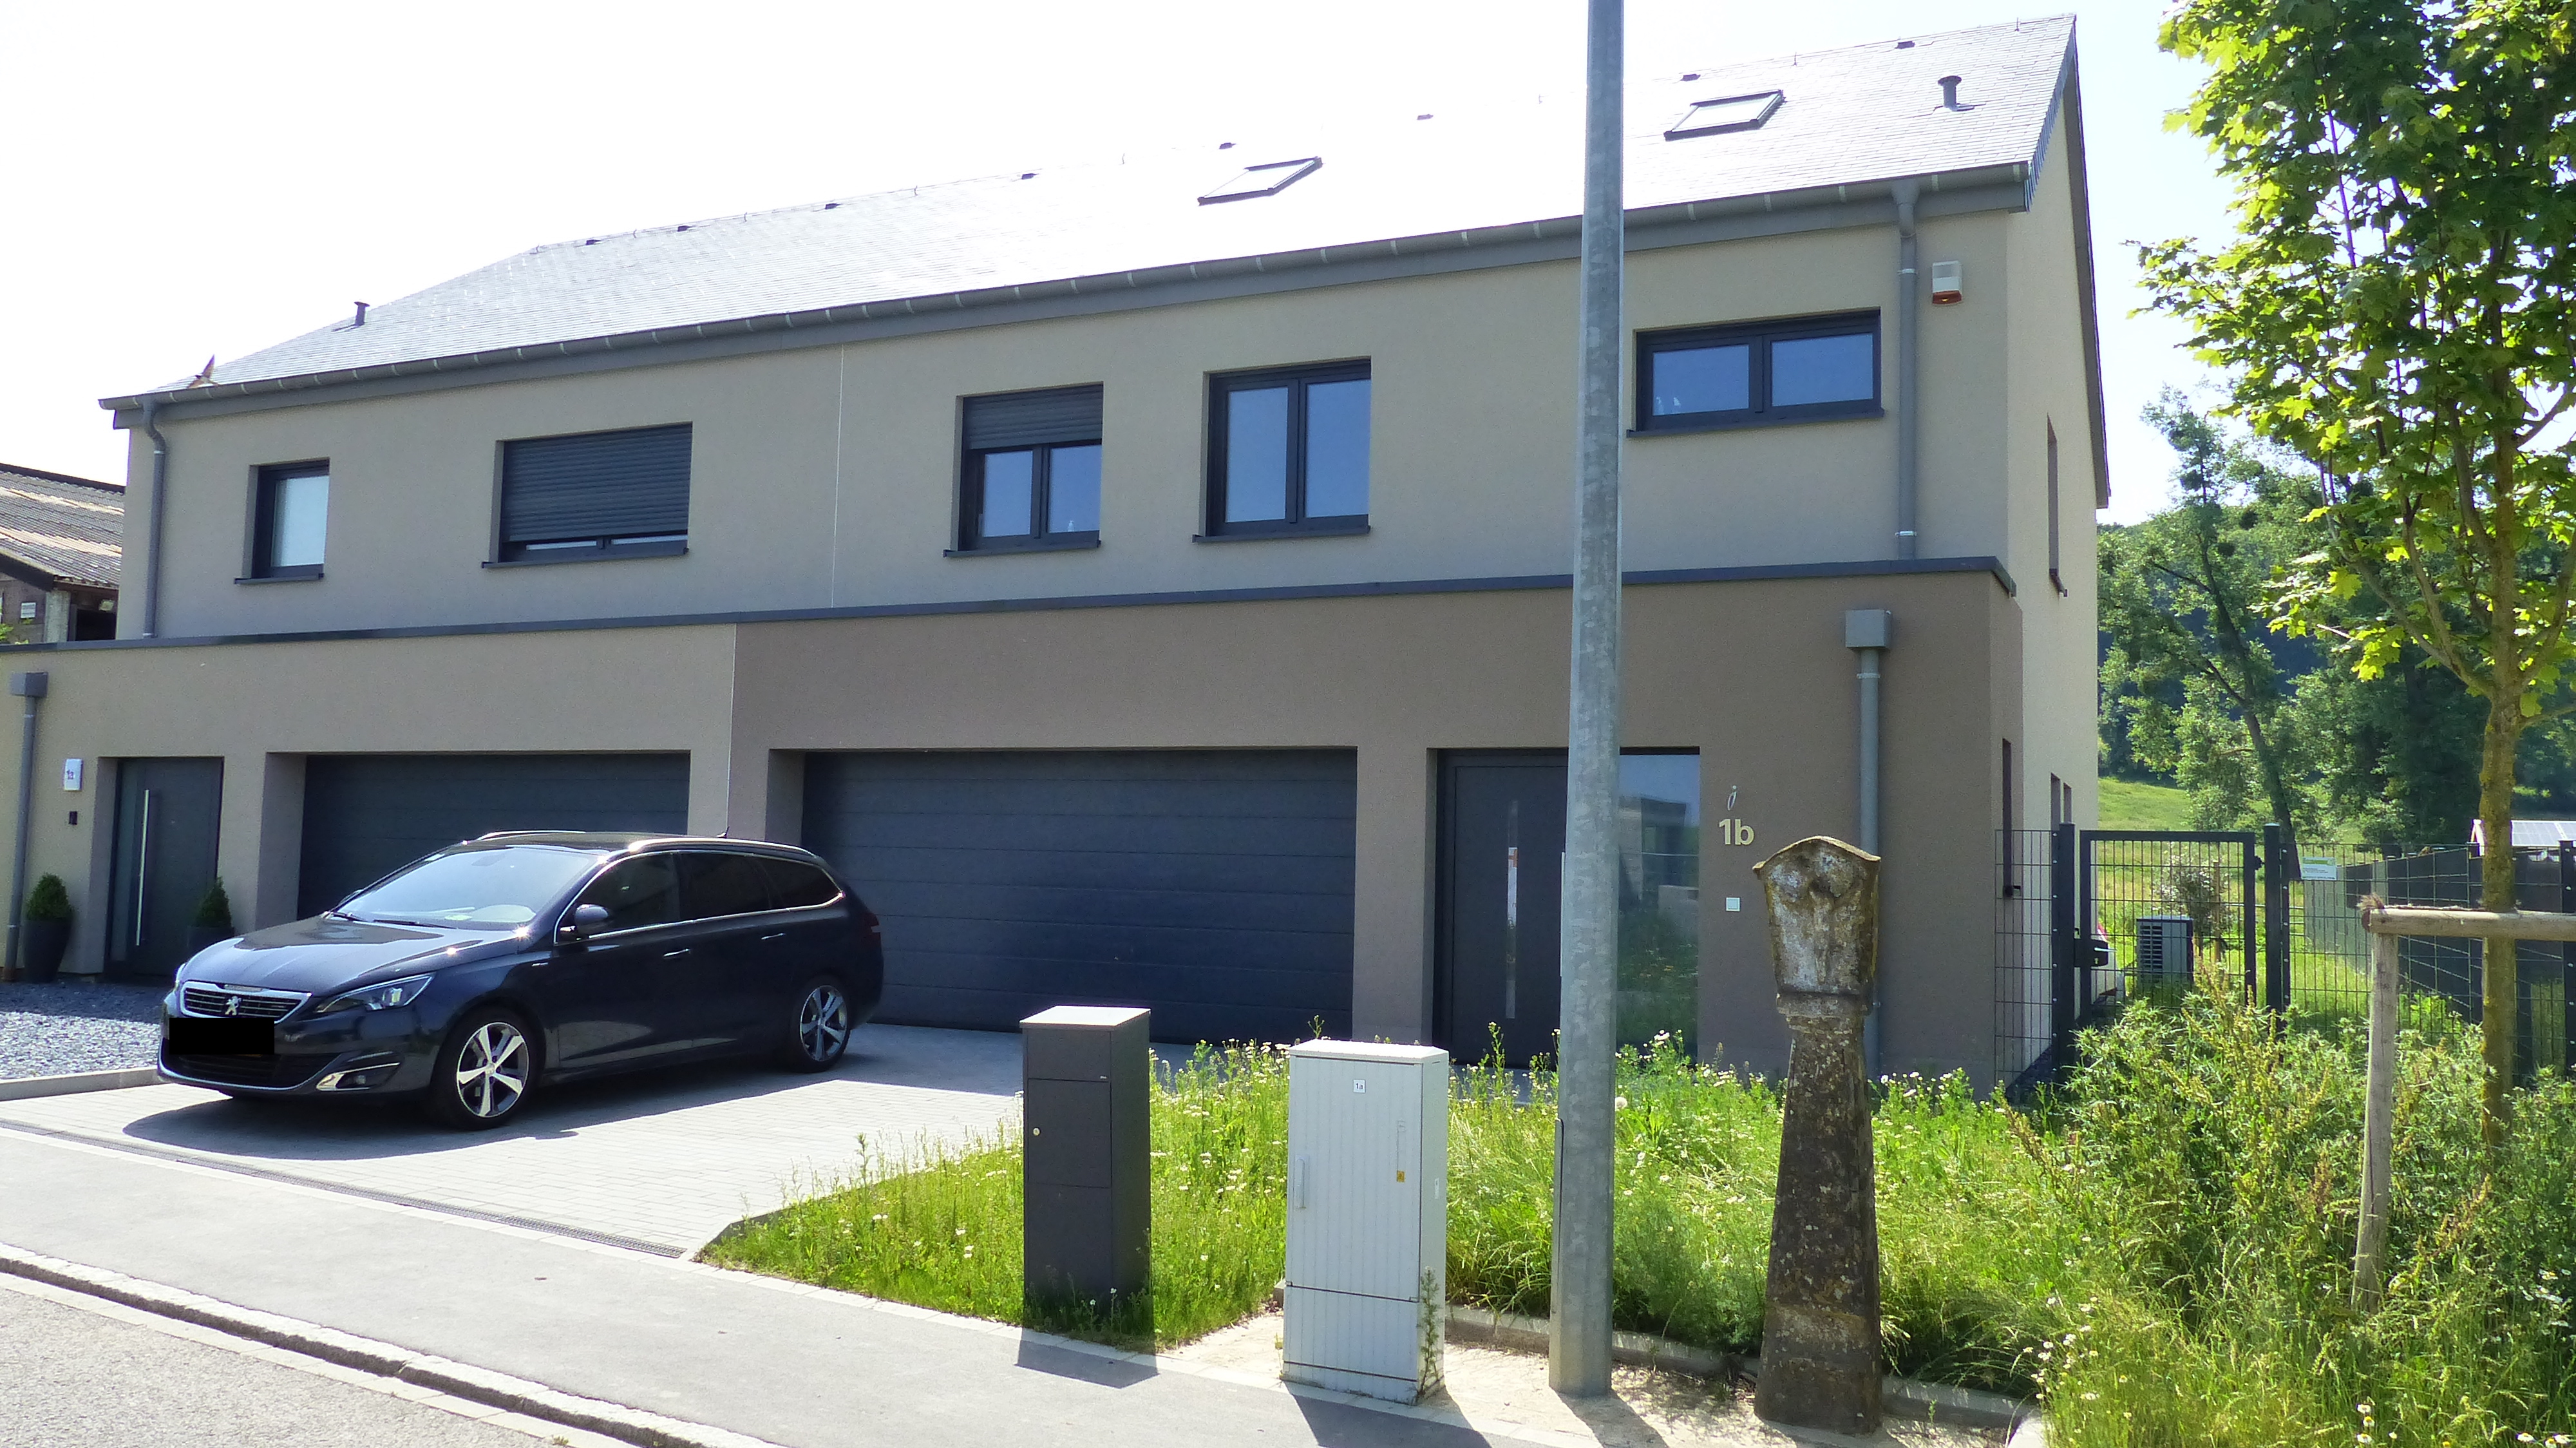 Deux maisons jumelées à Ehner